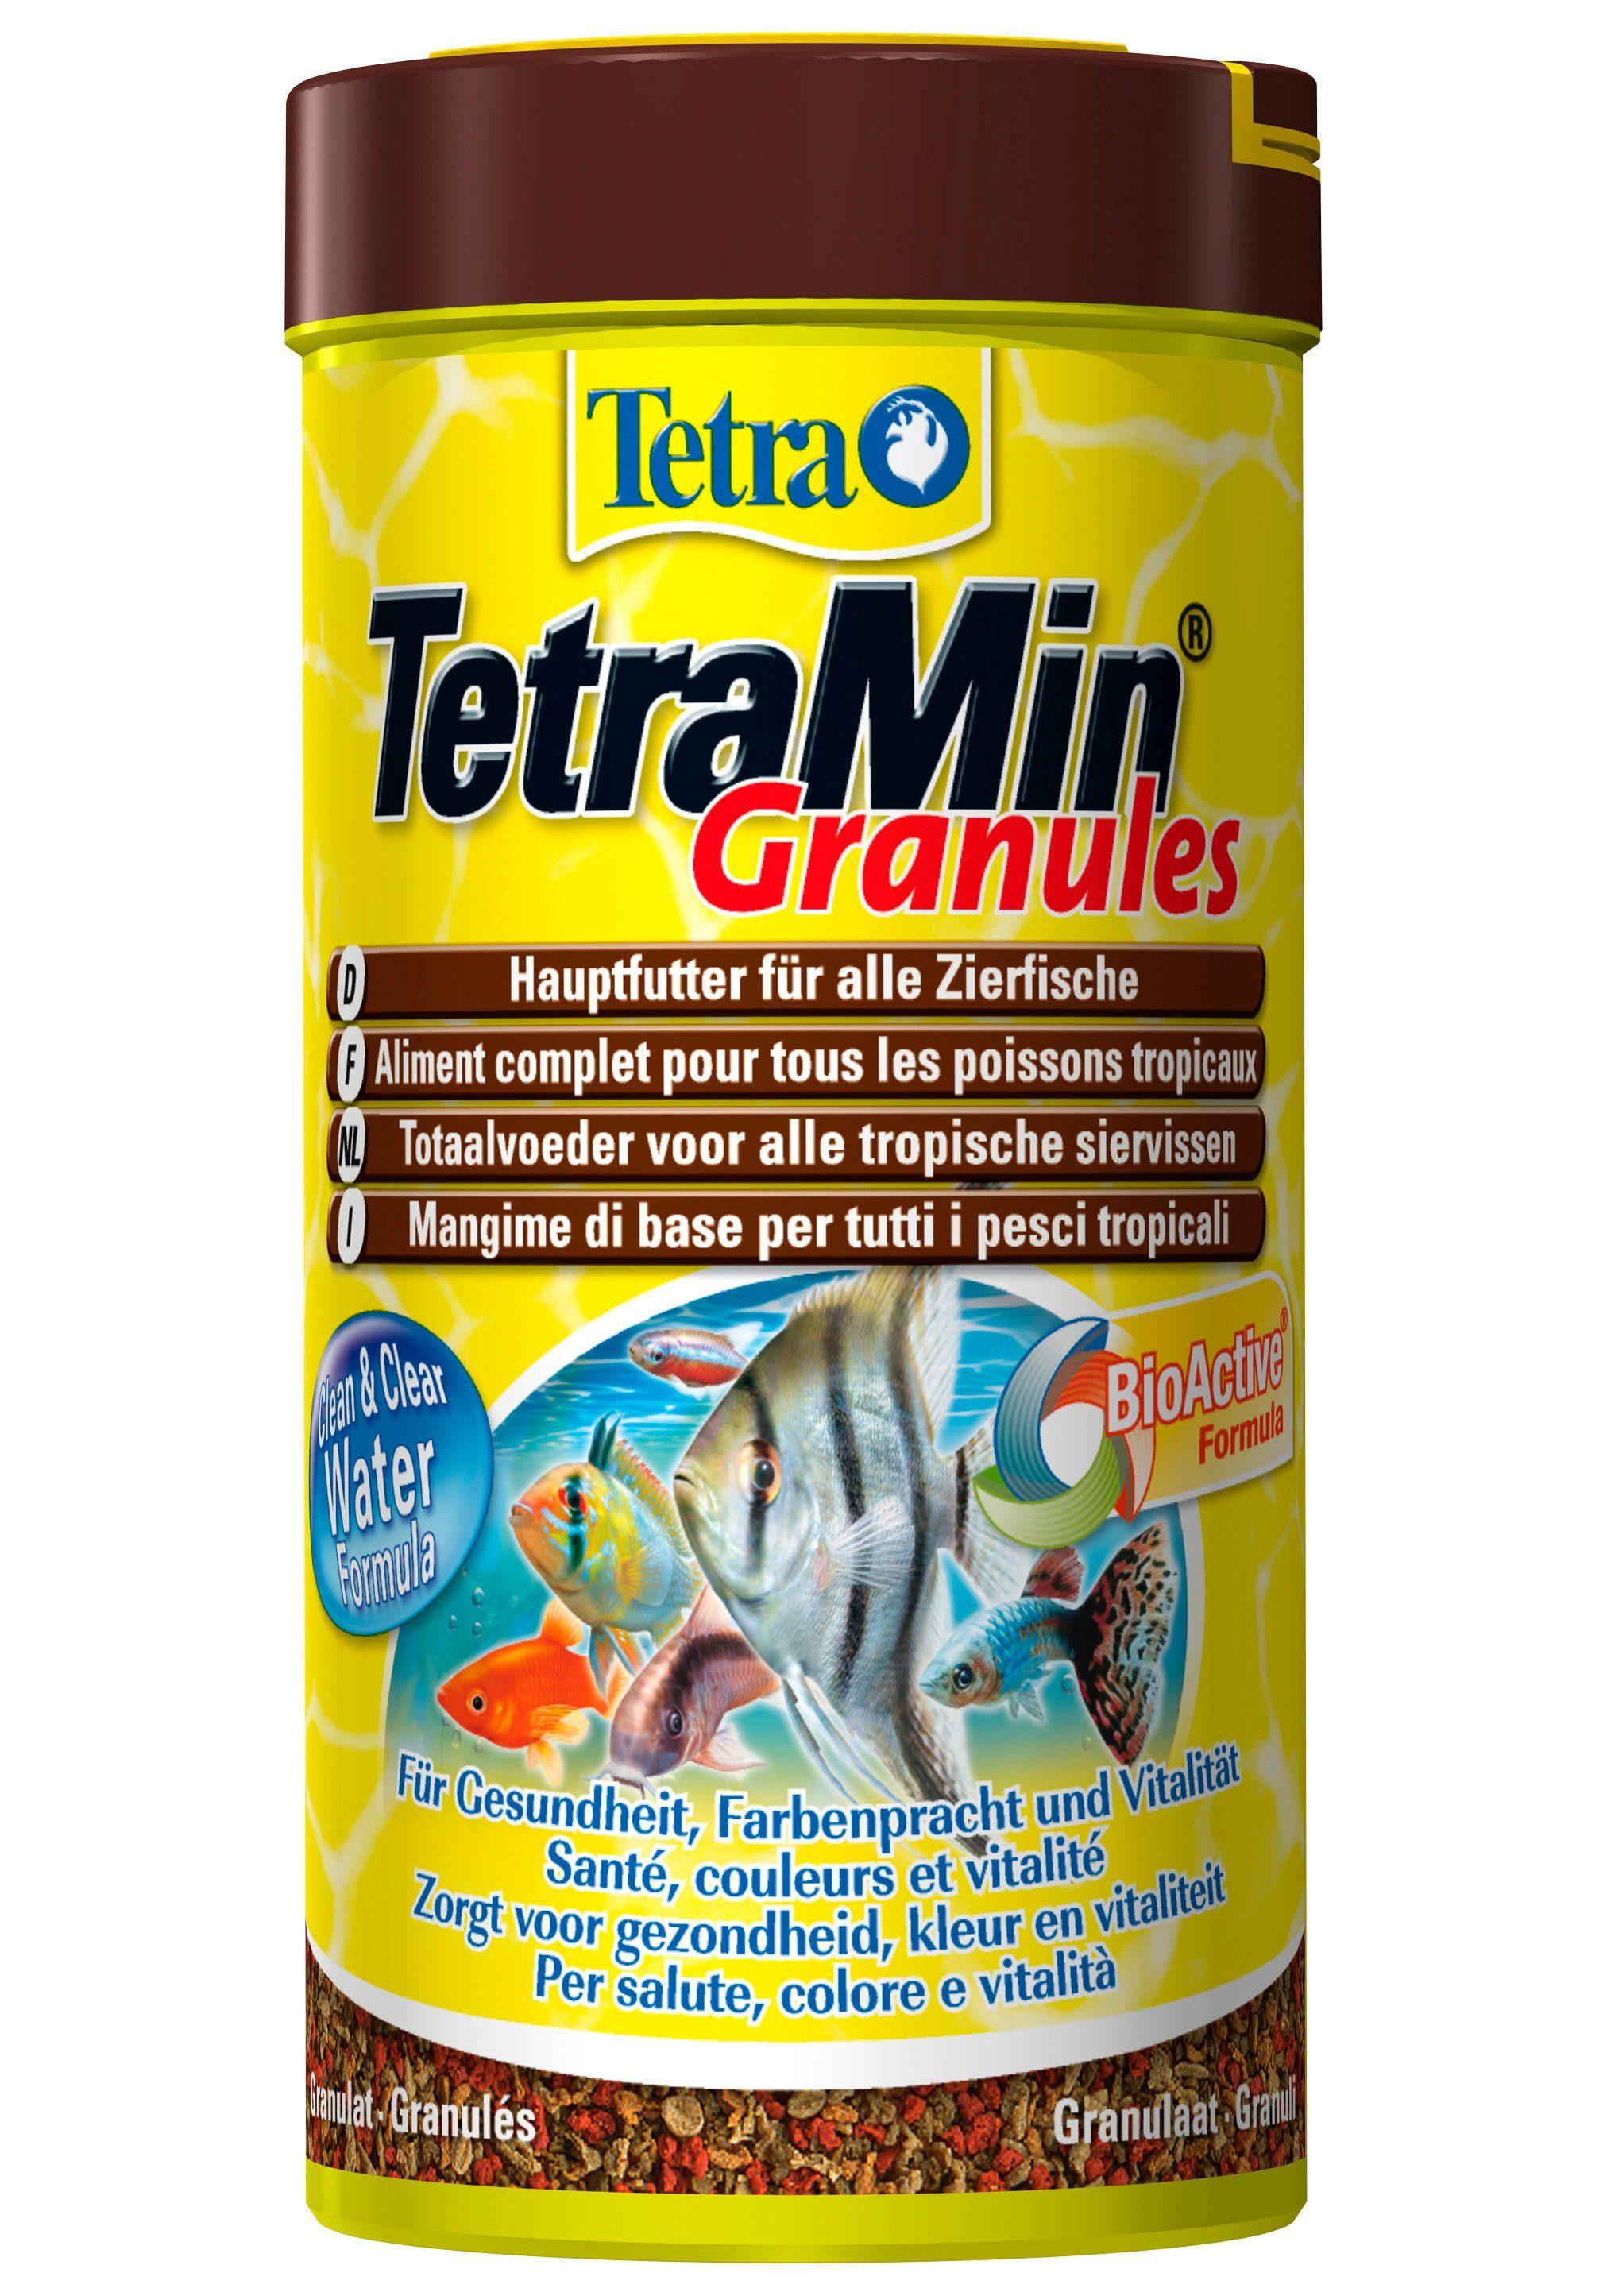 Tetra Fischfutter »Min Granules« 2-er Set